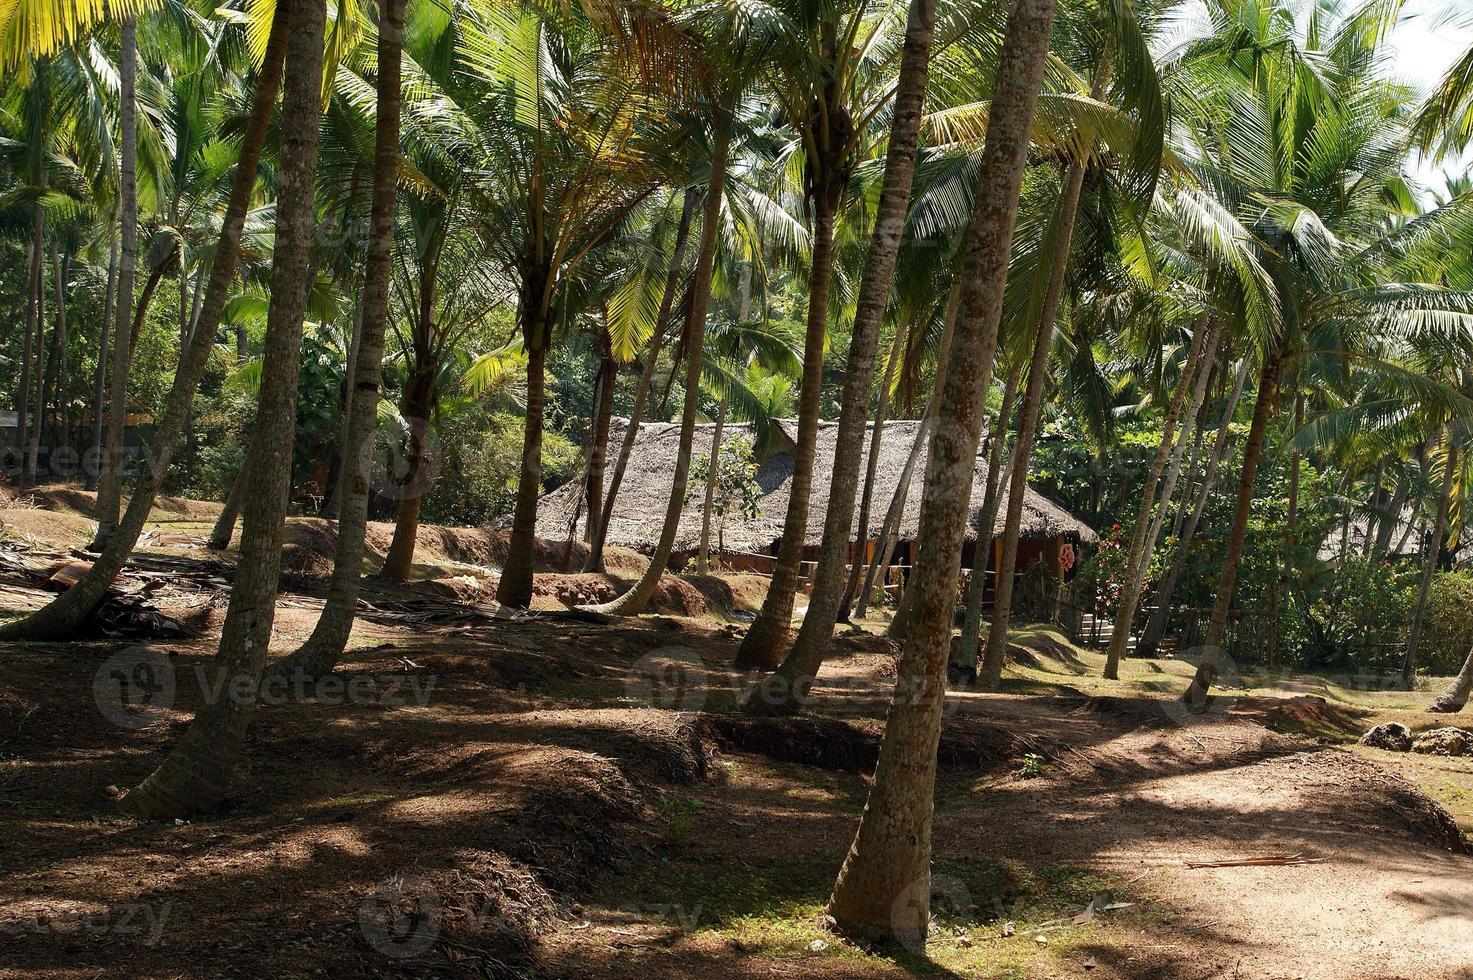 palme da cocco sulla riva dell'oceano foto